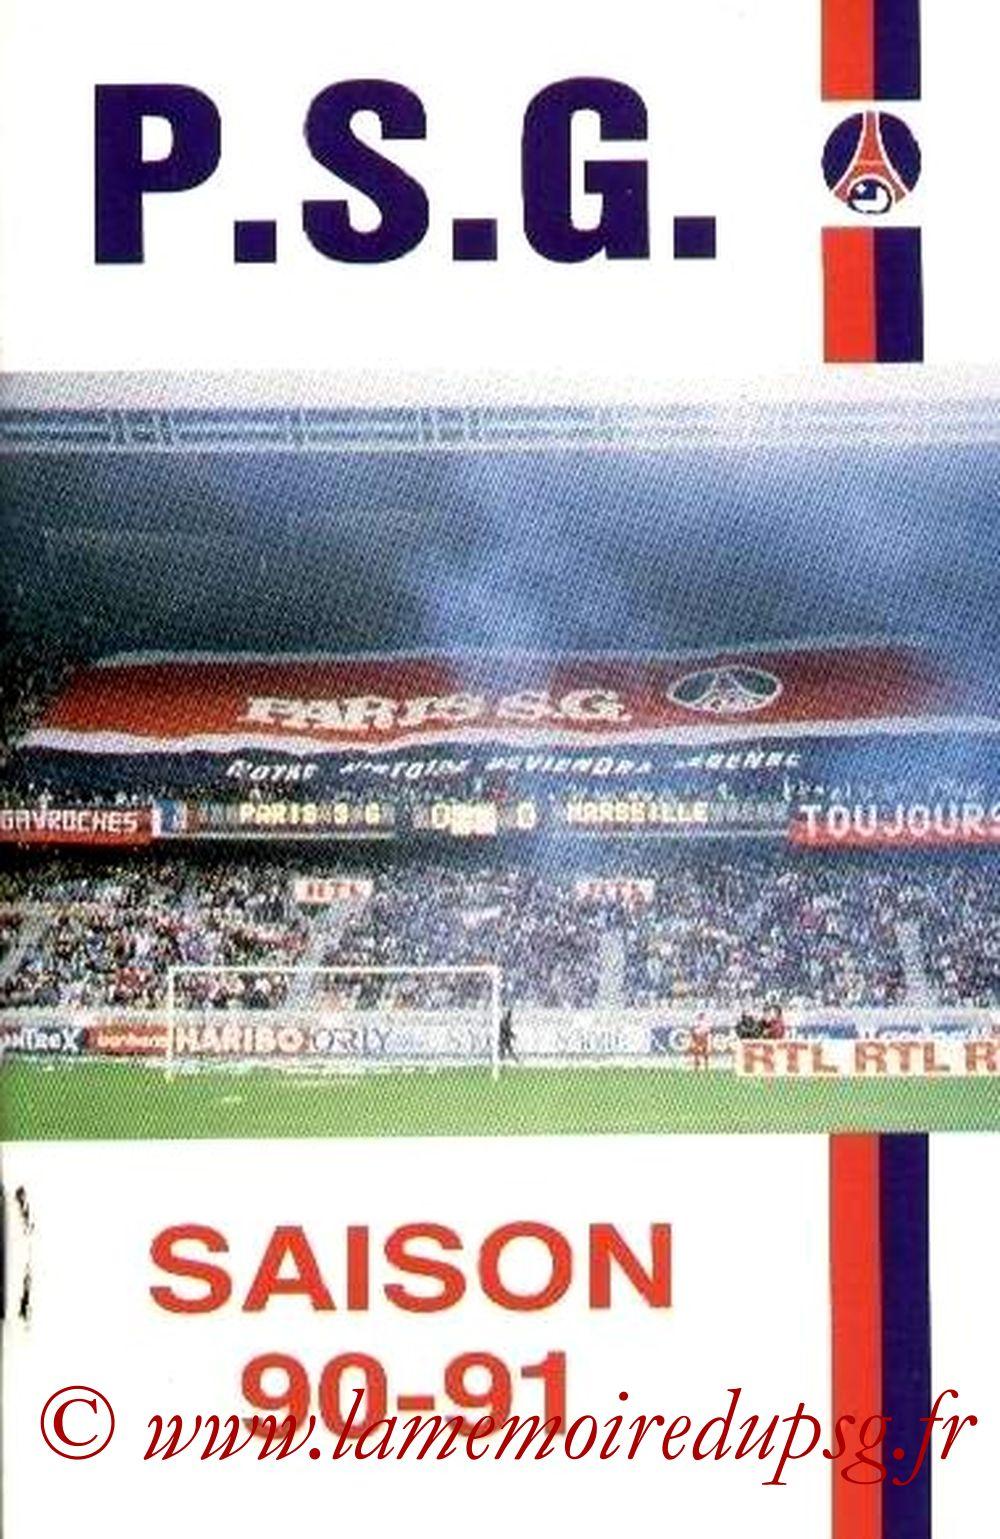 1990-91 - Guide de la Saison PSG